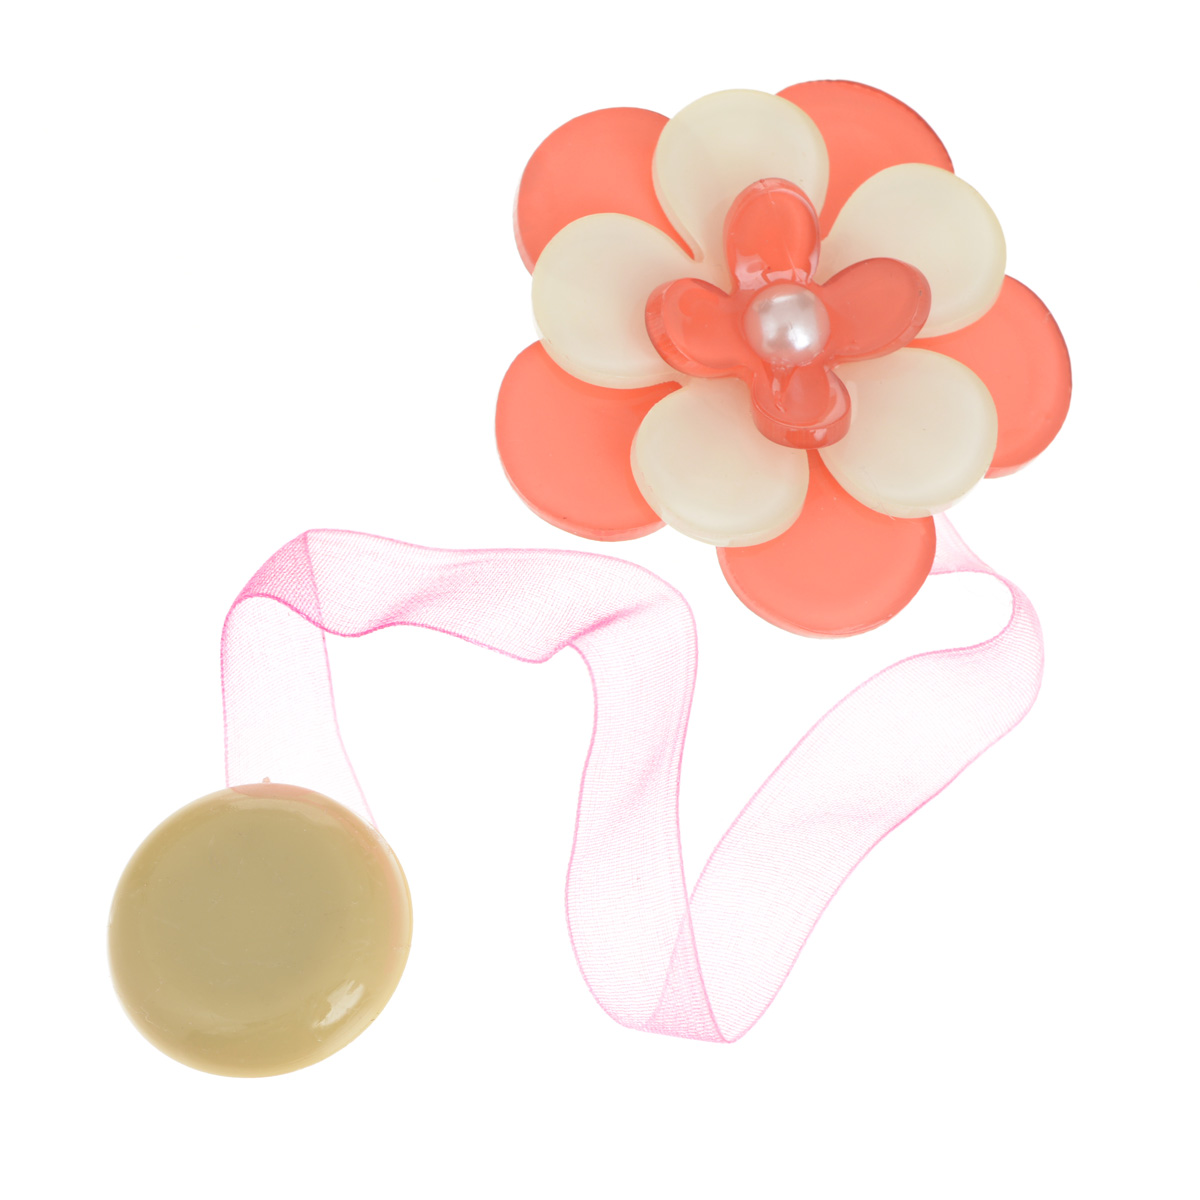 Клипса-магнит для штор Calamita Fiore, цвет: коралловый, бежевый. 7704013_5407704013_540Клипса-магнит Calamita Fiore, изготовленная из пластика и полиэстера, предназначена для придания формы шторам. Изделие представляет собой два магнита, расположенные на разных концах текстильной ленты. Один из магнитов оформлен декоративным цветком. С помощью такой магнитной клипсы можно зафиксировать портьеры, придать им требуемое положение, сделать складки симметричными или приблизить портьеры, скрепить их.Клипсы для штор являются универсальным изделием, которое превосходно подойдет как для штор в детской комнате, так и для штор в гостиной. Следует отметить, что клипсы для штор выполняют не только практическую функцию, но также являются одной из основных деталей декора, которая придает шторам восхитительный, стильный внешний вид. Диаметр декоративного цветка: 5 см. Длина ленты: 28 см.